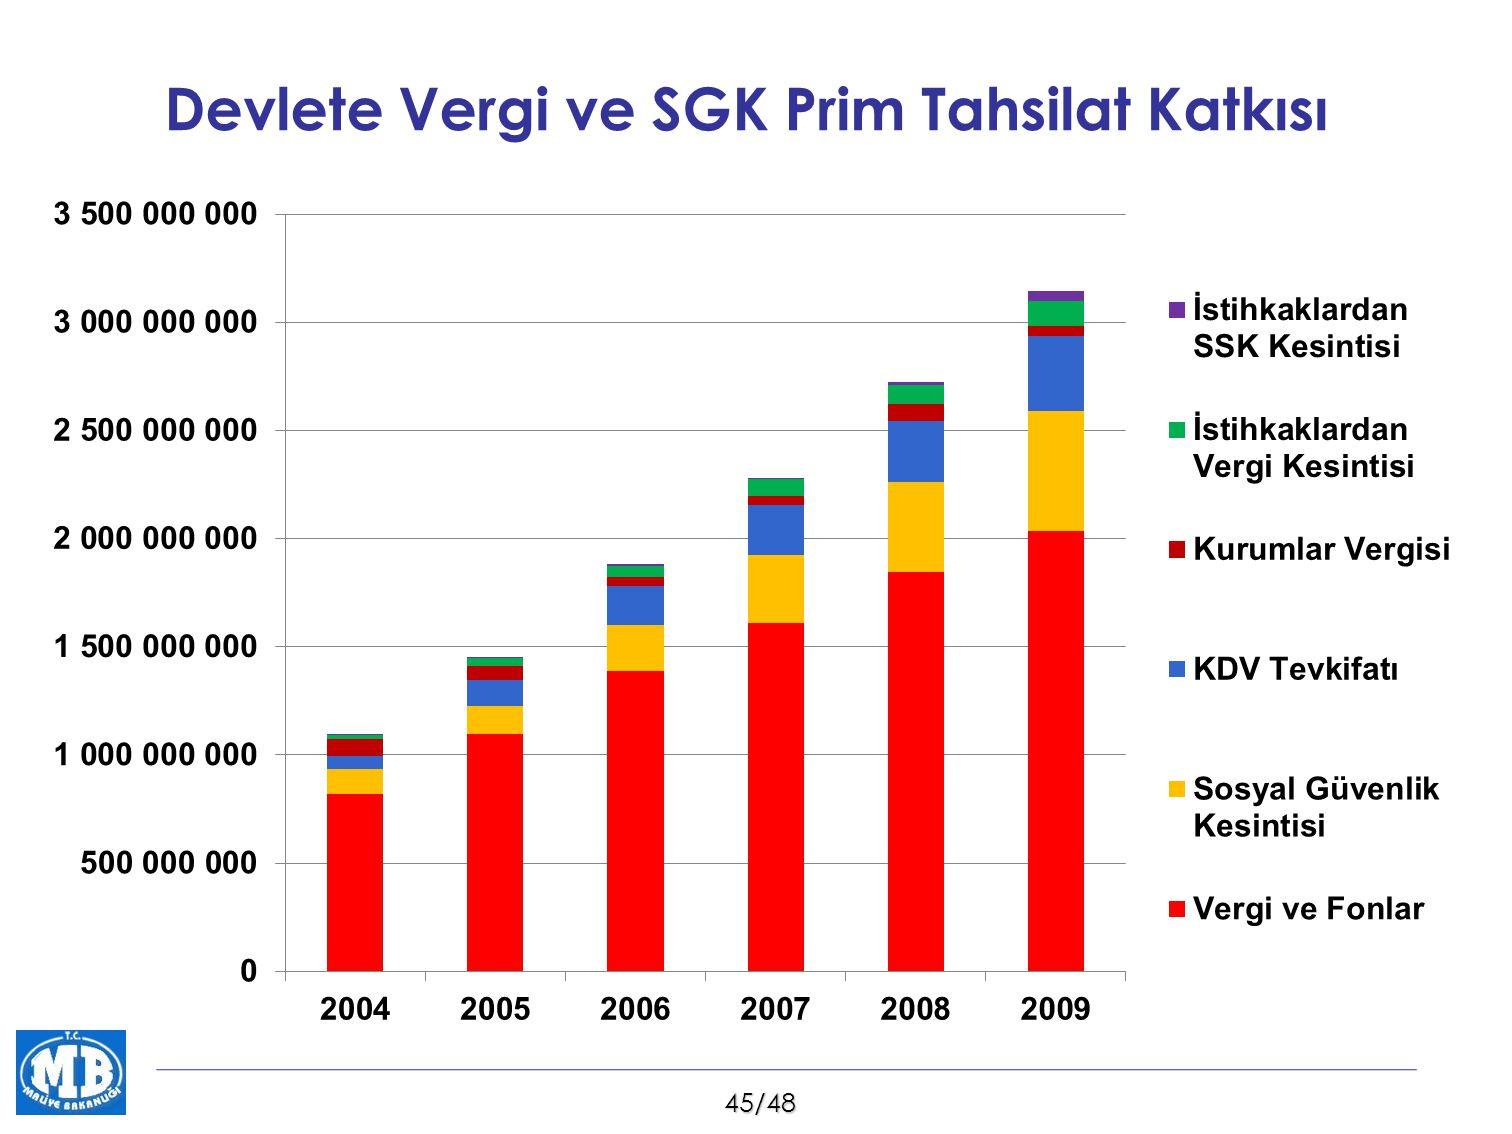 Devlete Vergi ve SGK Prim Tahsilat Katkısı